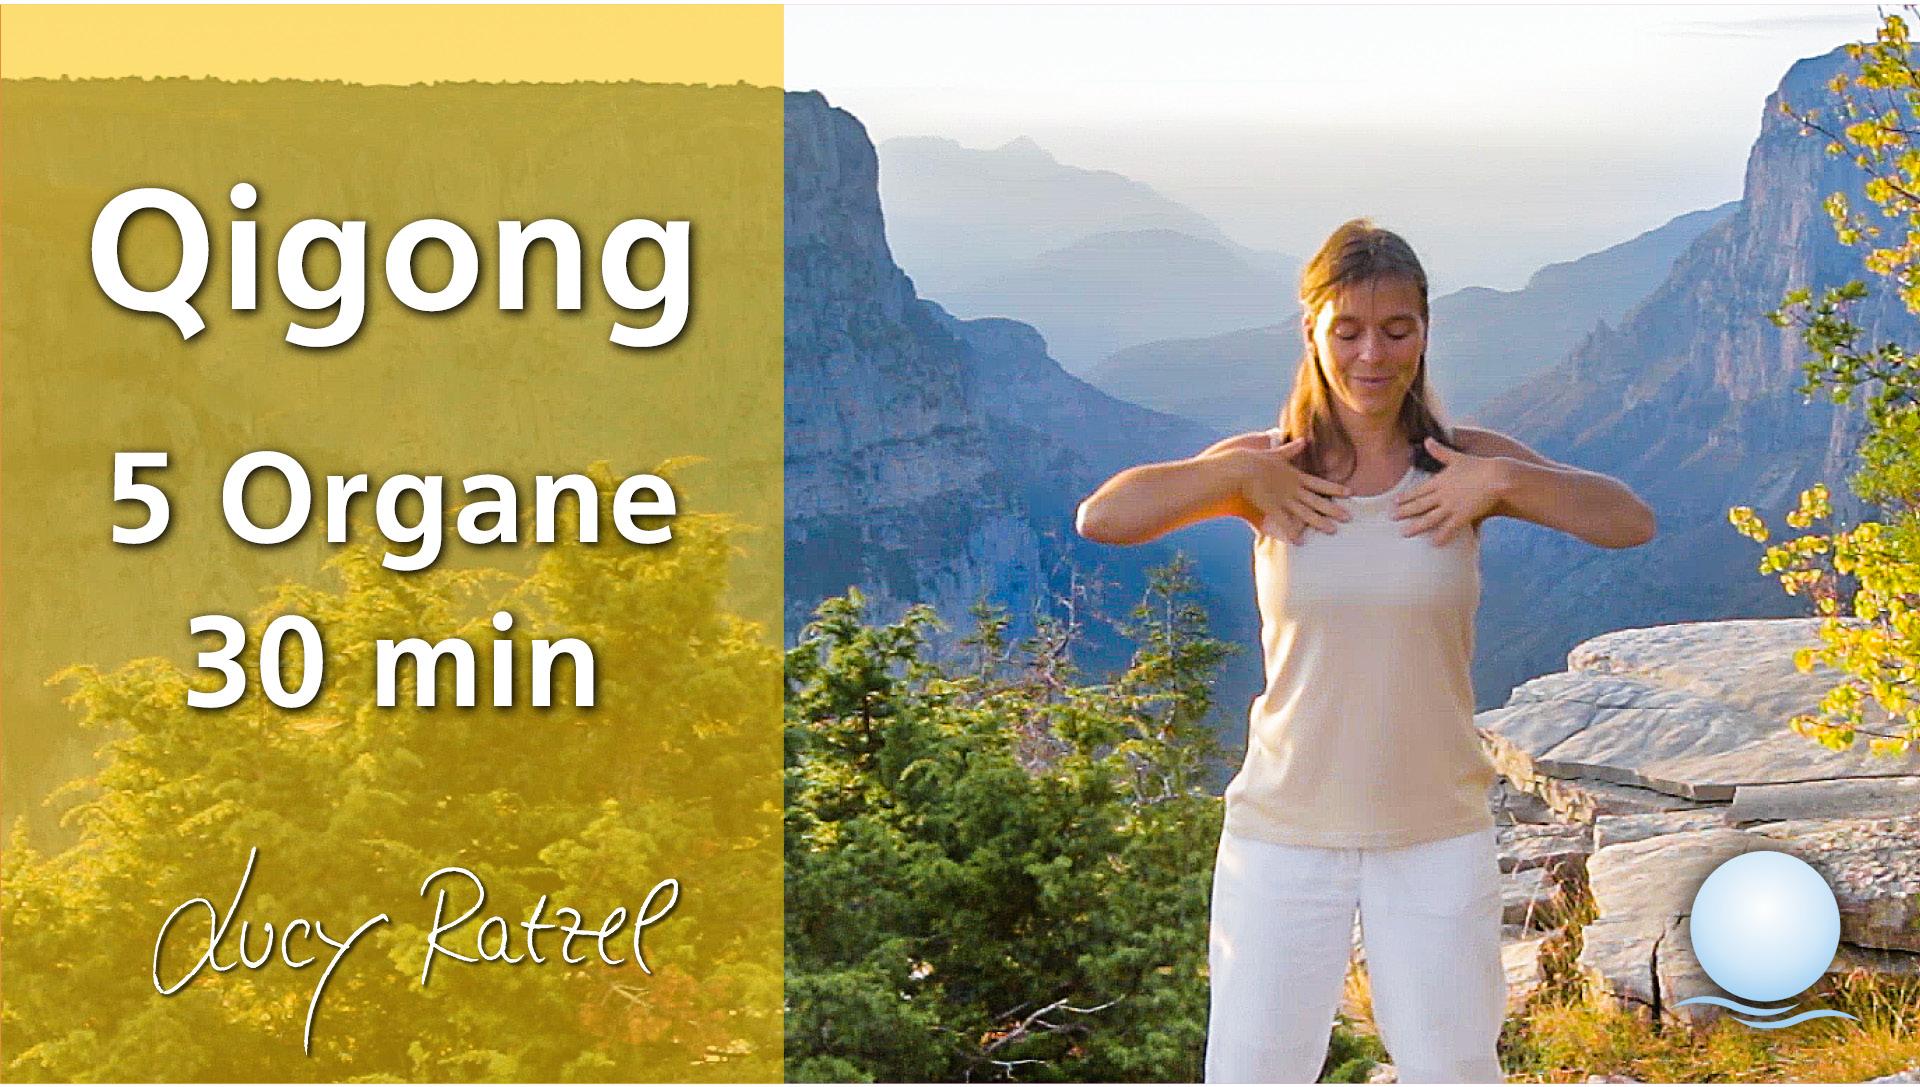 Qigong 5 Organe